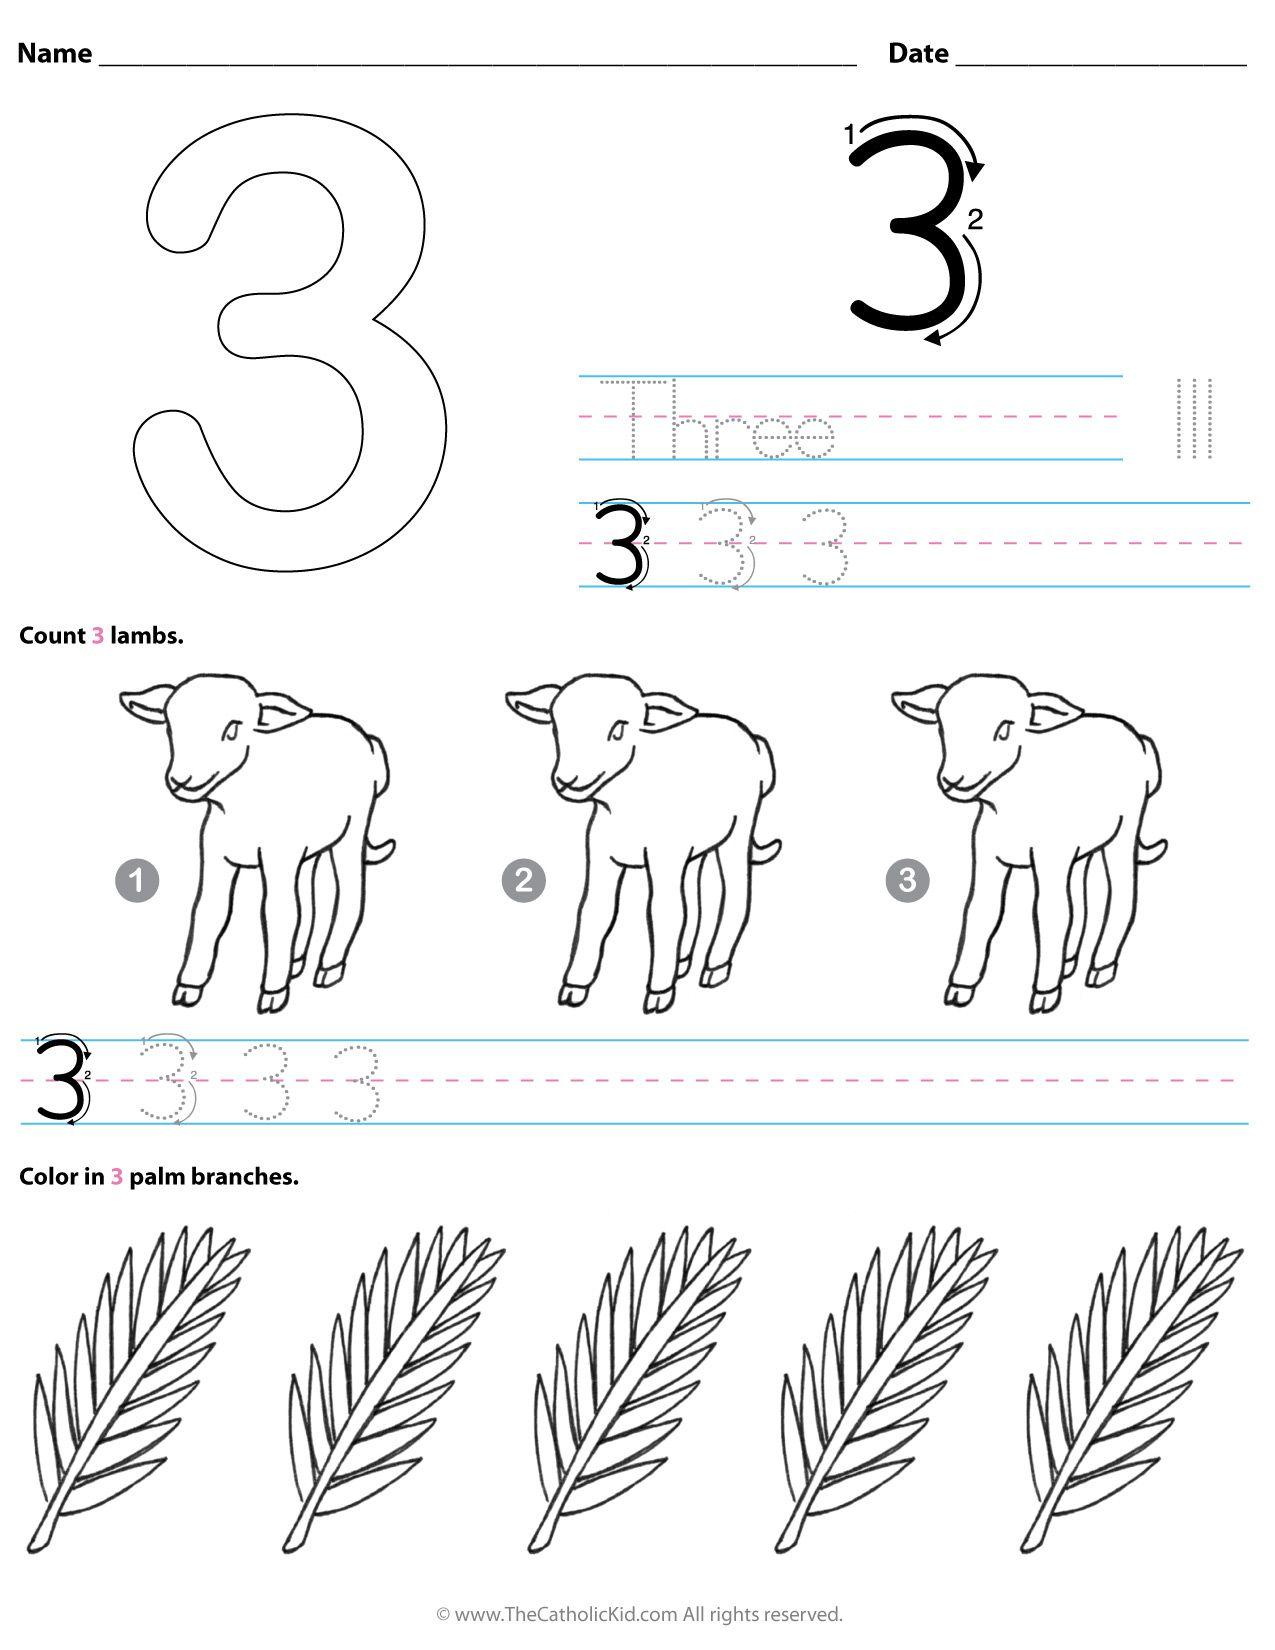 Catholic Number 3 Worksheet Preschool Kindergarten Coloring Page -  TheCatholicK…   Preschool worksheets [ 1650 x 1275 Pixel ]